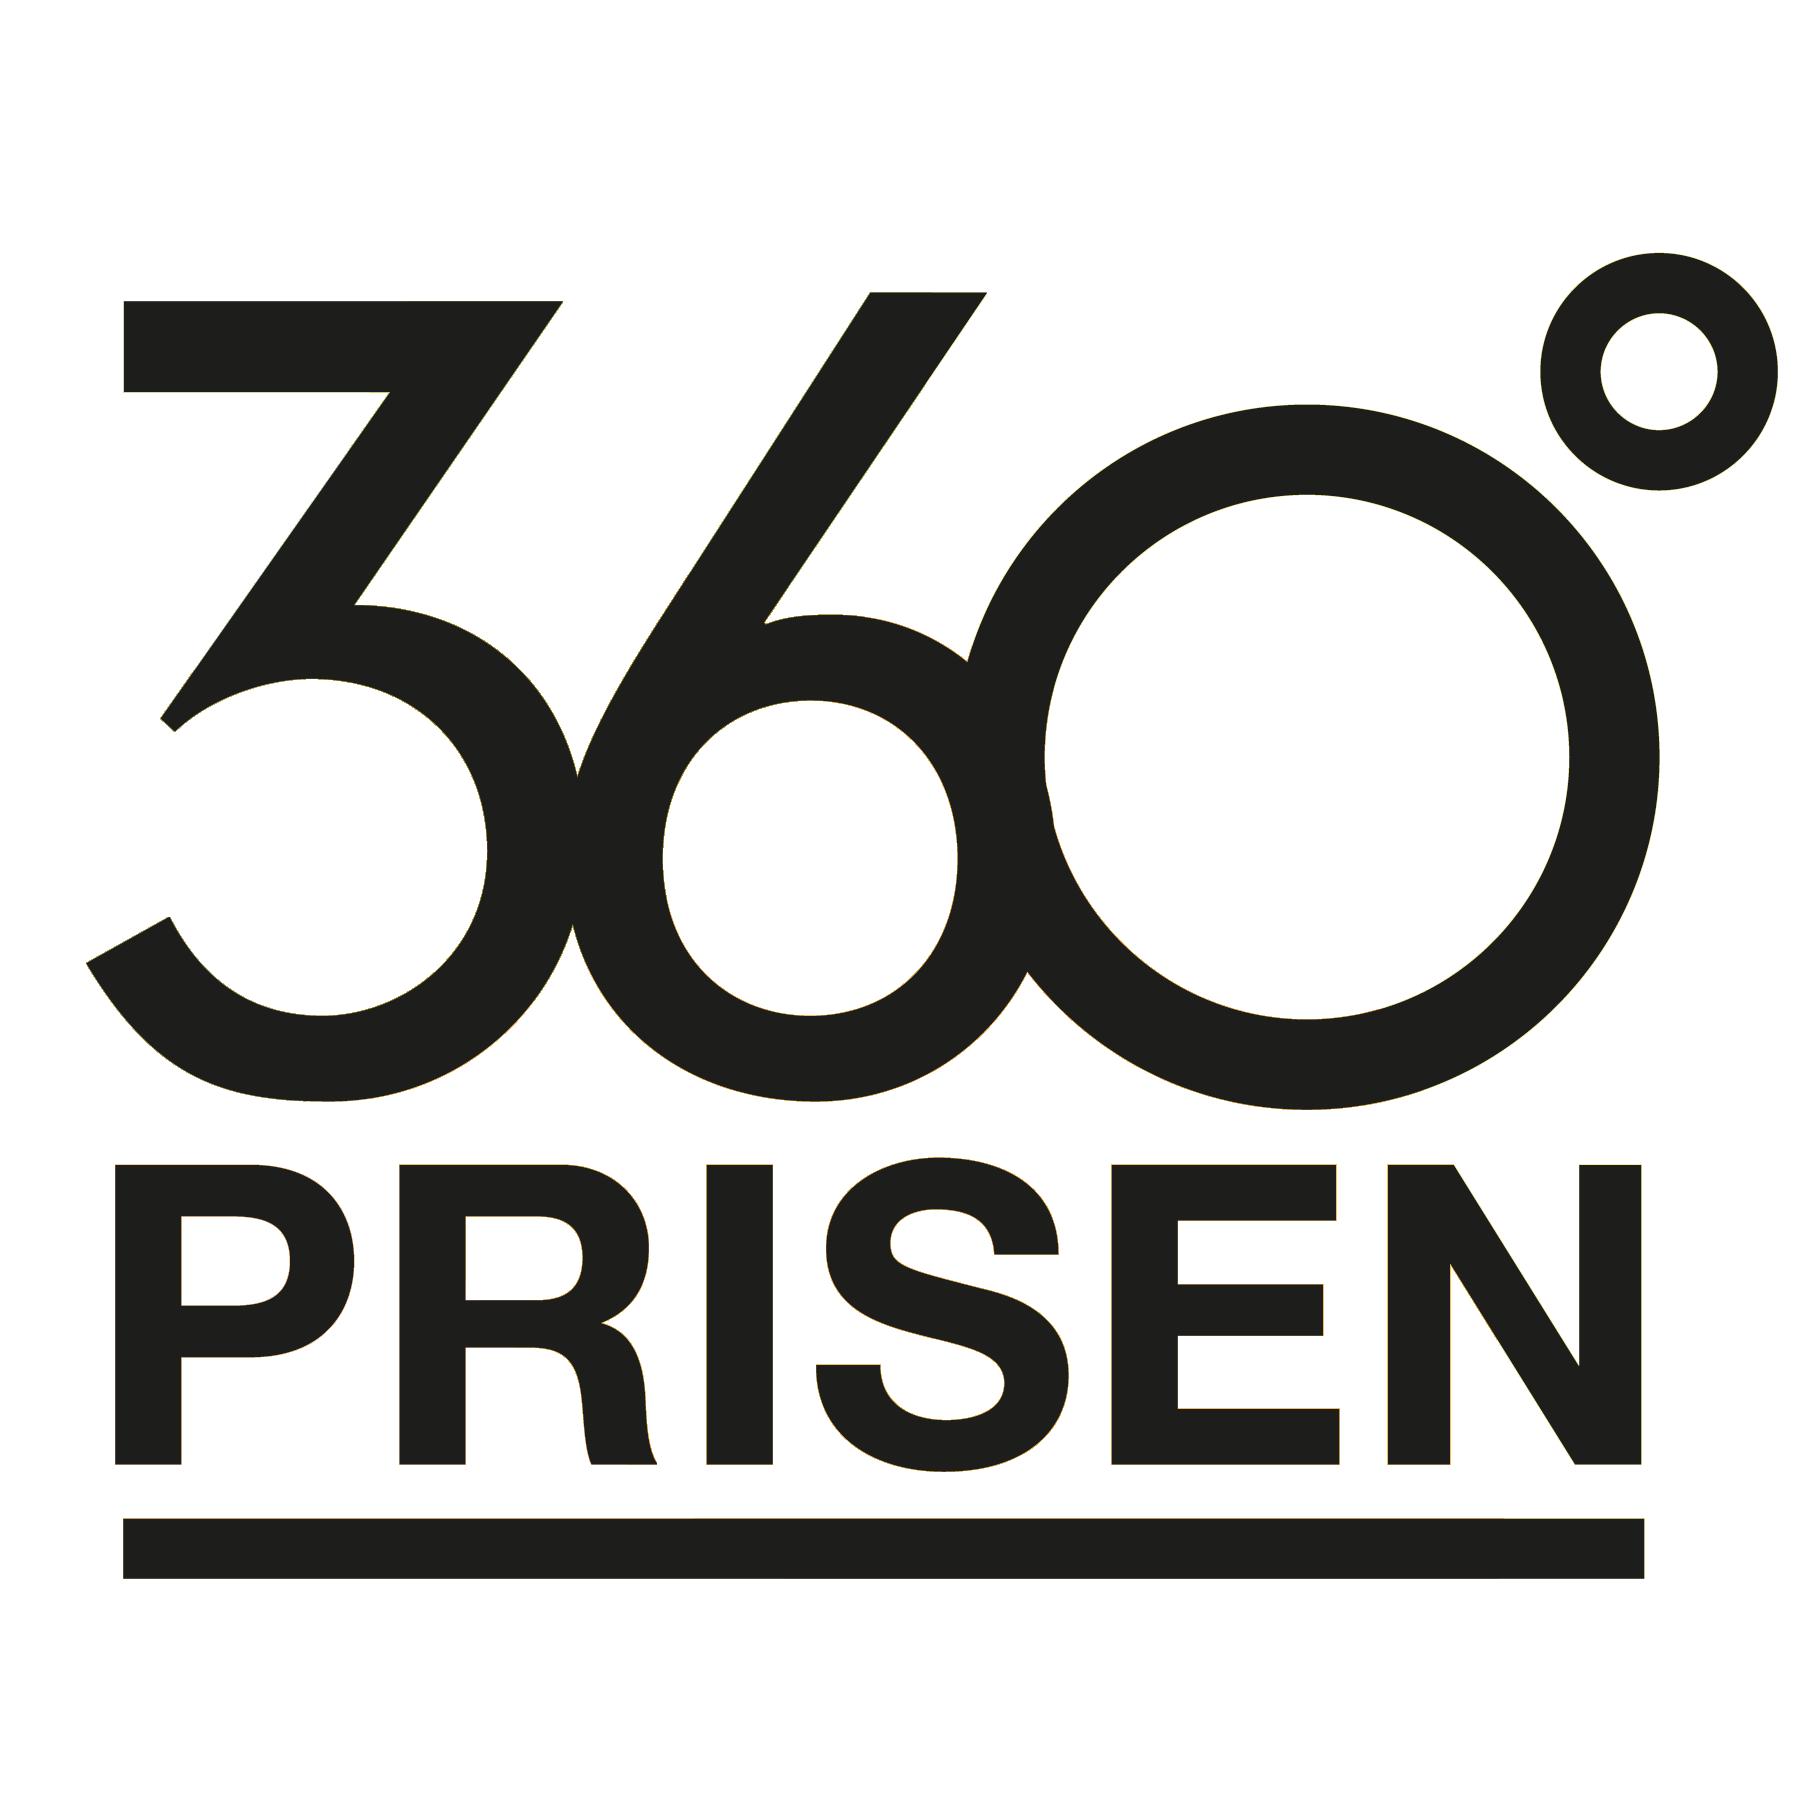 360 logo prisen